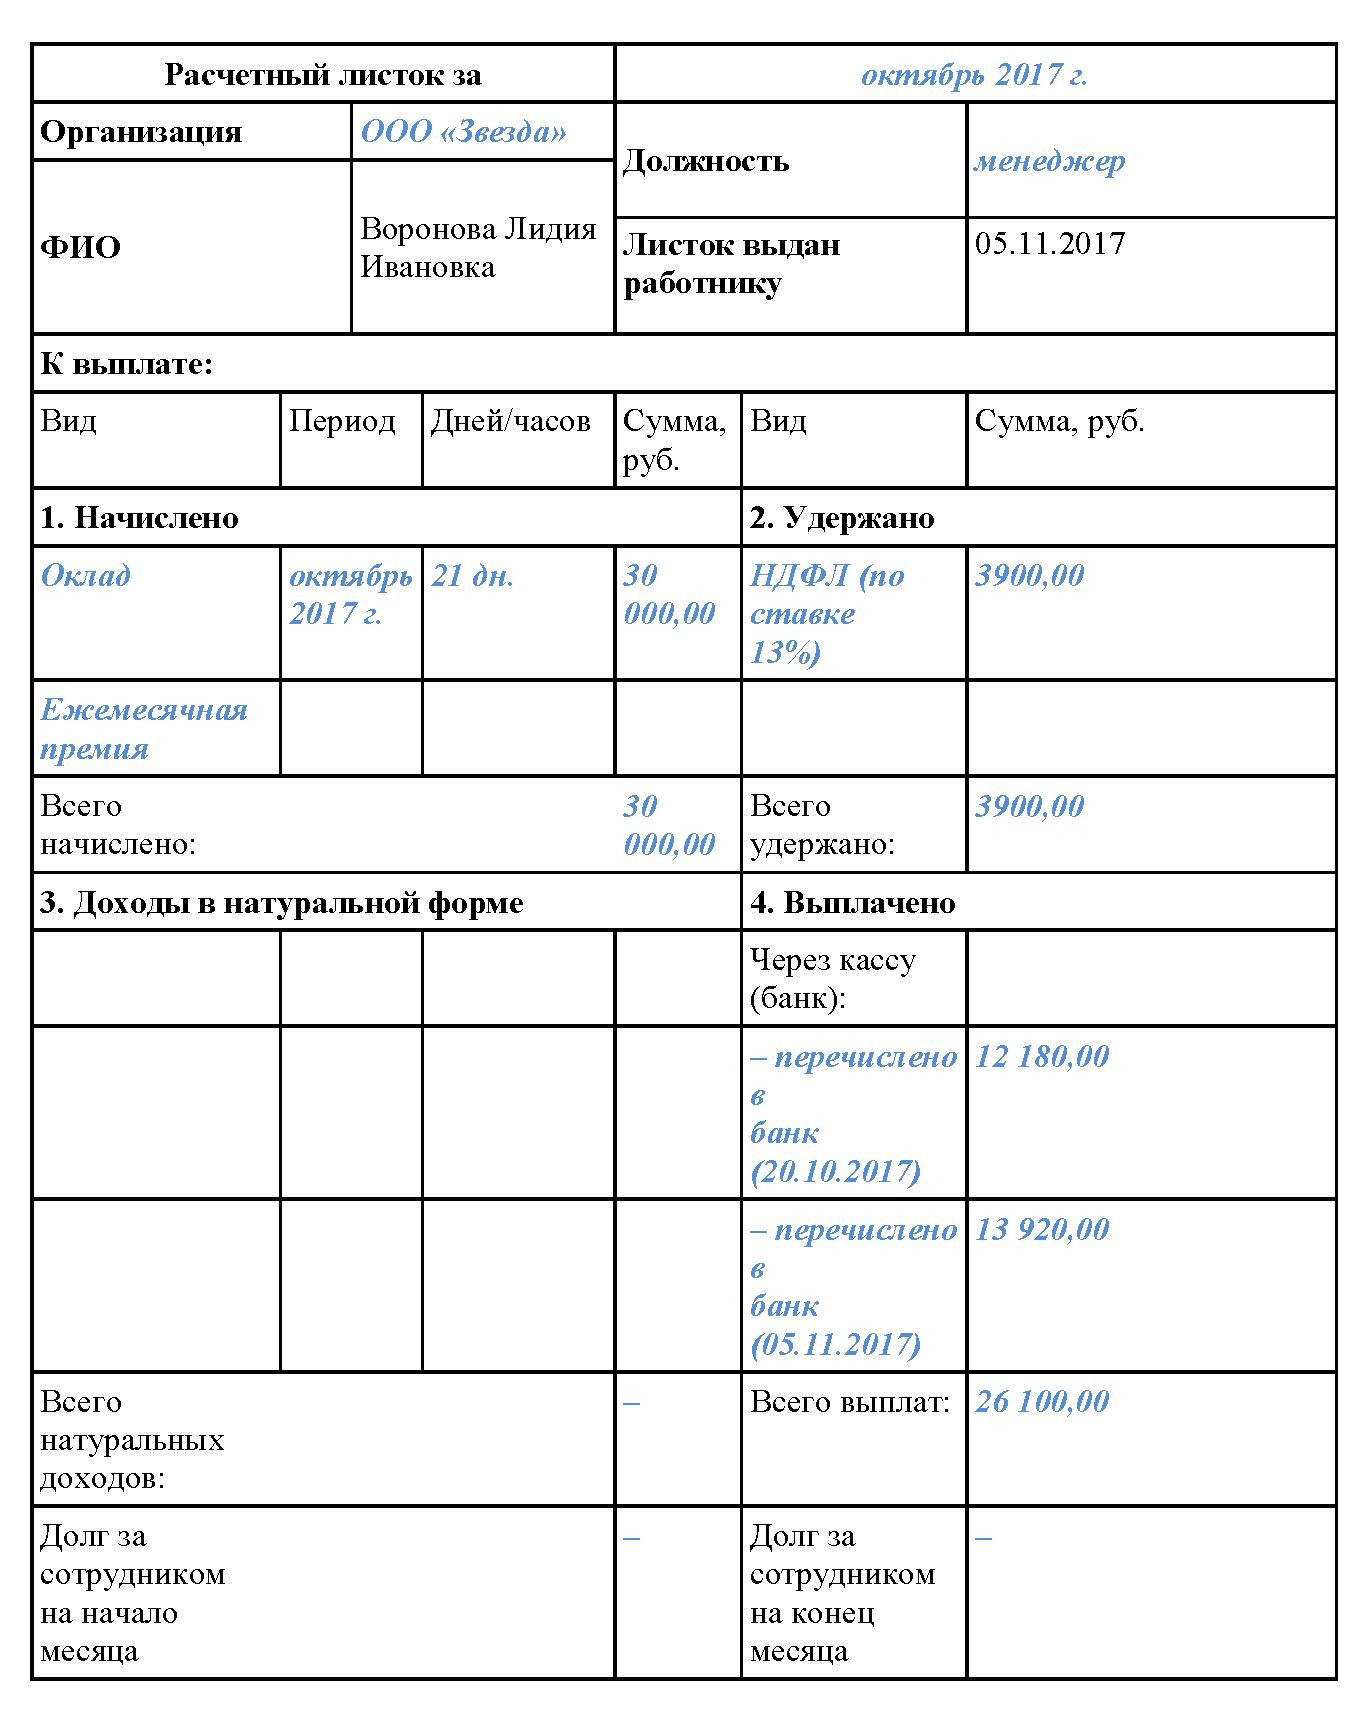 Какие документы оформляются при начислении зарплаты